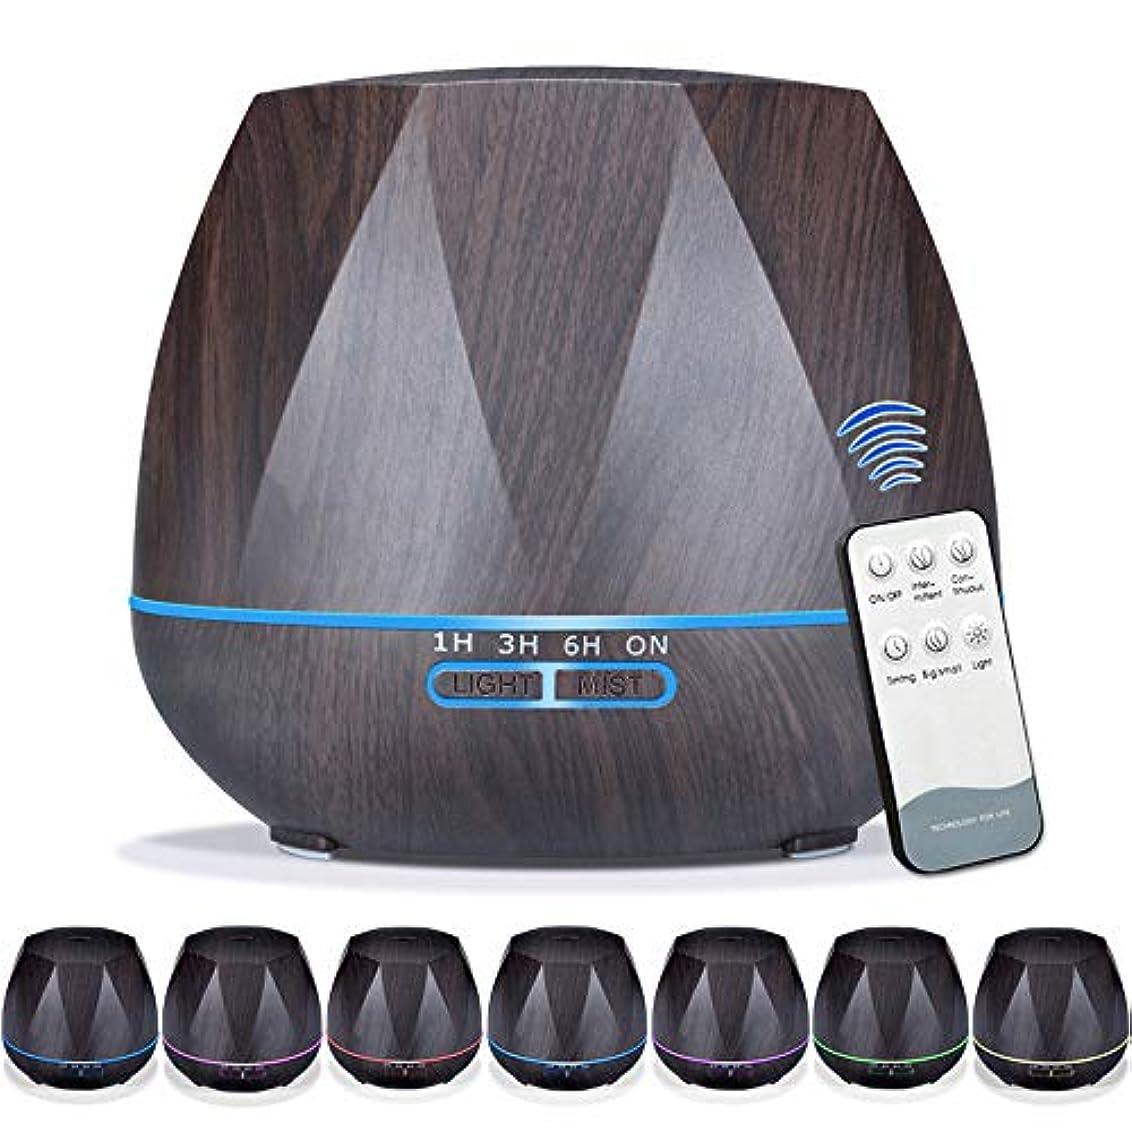 ホットモーテル悪魔550mlエッセンシャルオイルディフューザー5に1アロマセラピー超音波クールミスト加湿器ルーム空気香りホームオフィスギフト用,EUplug